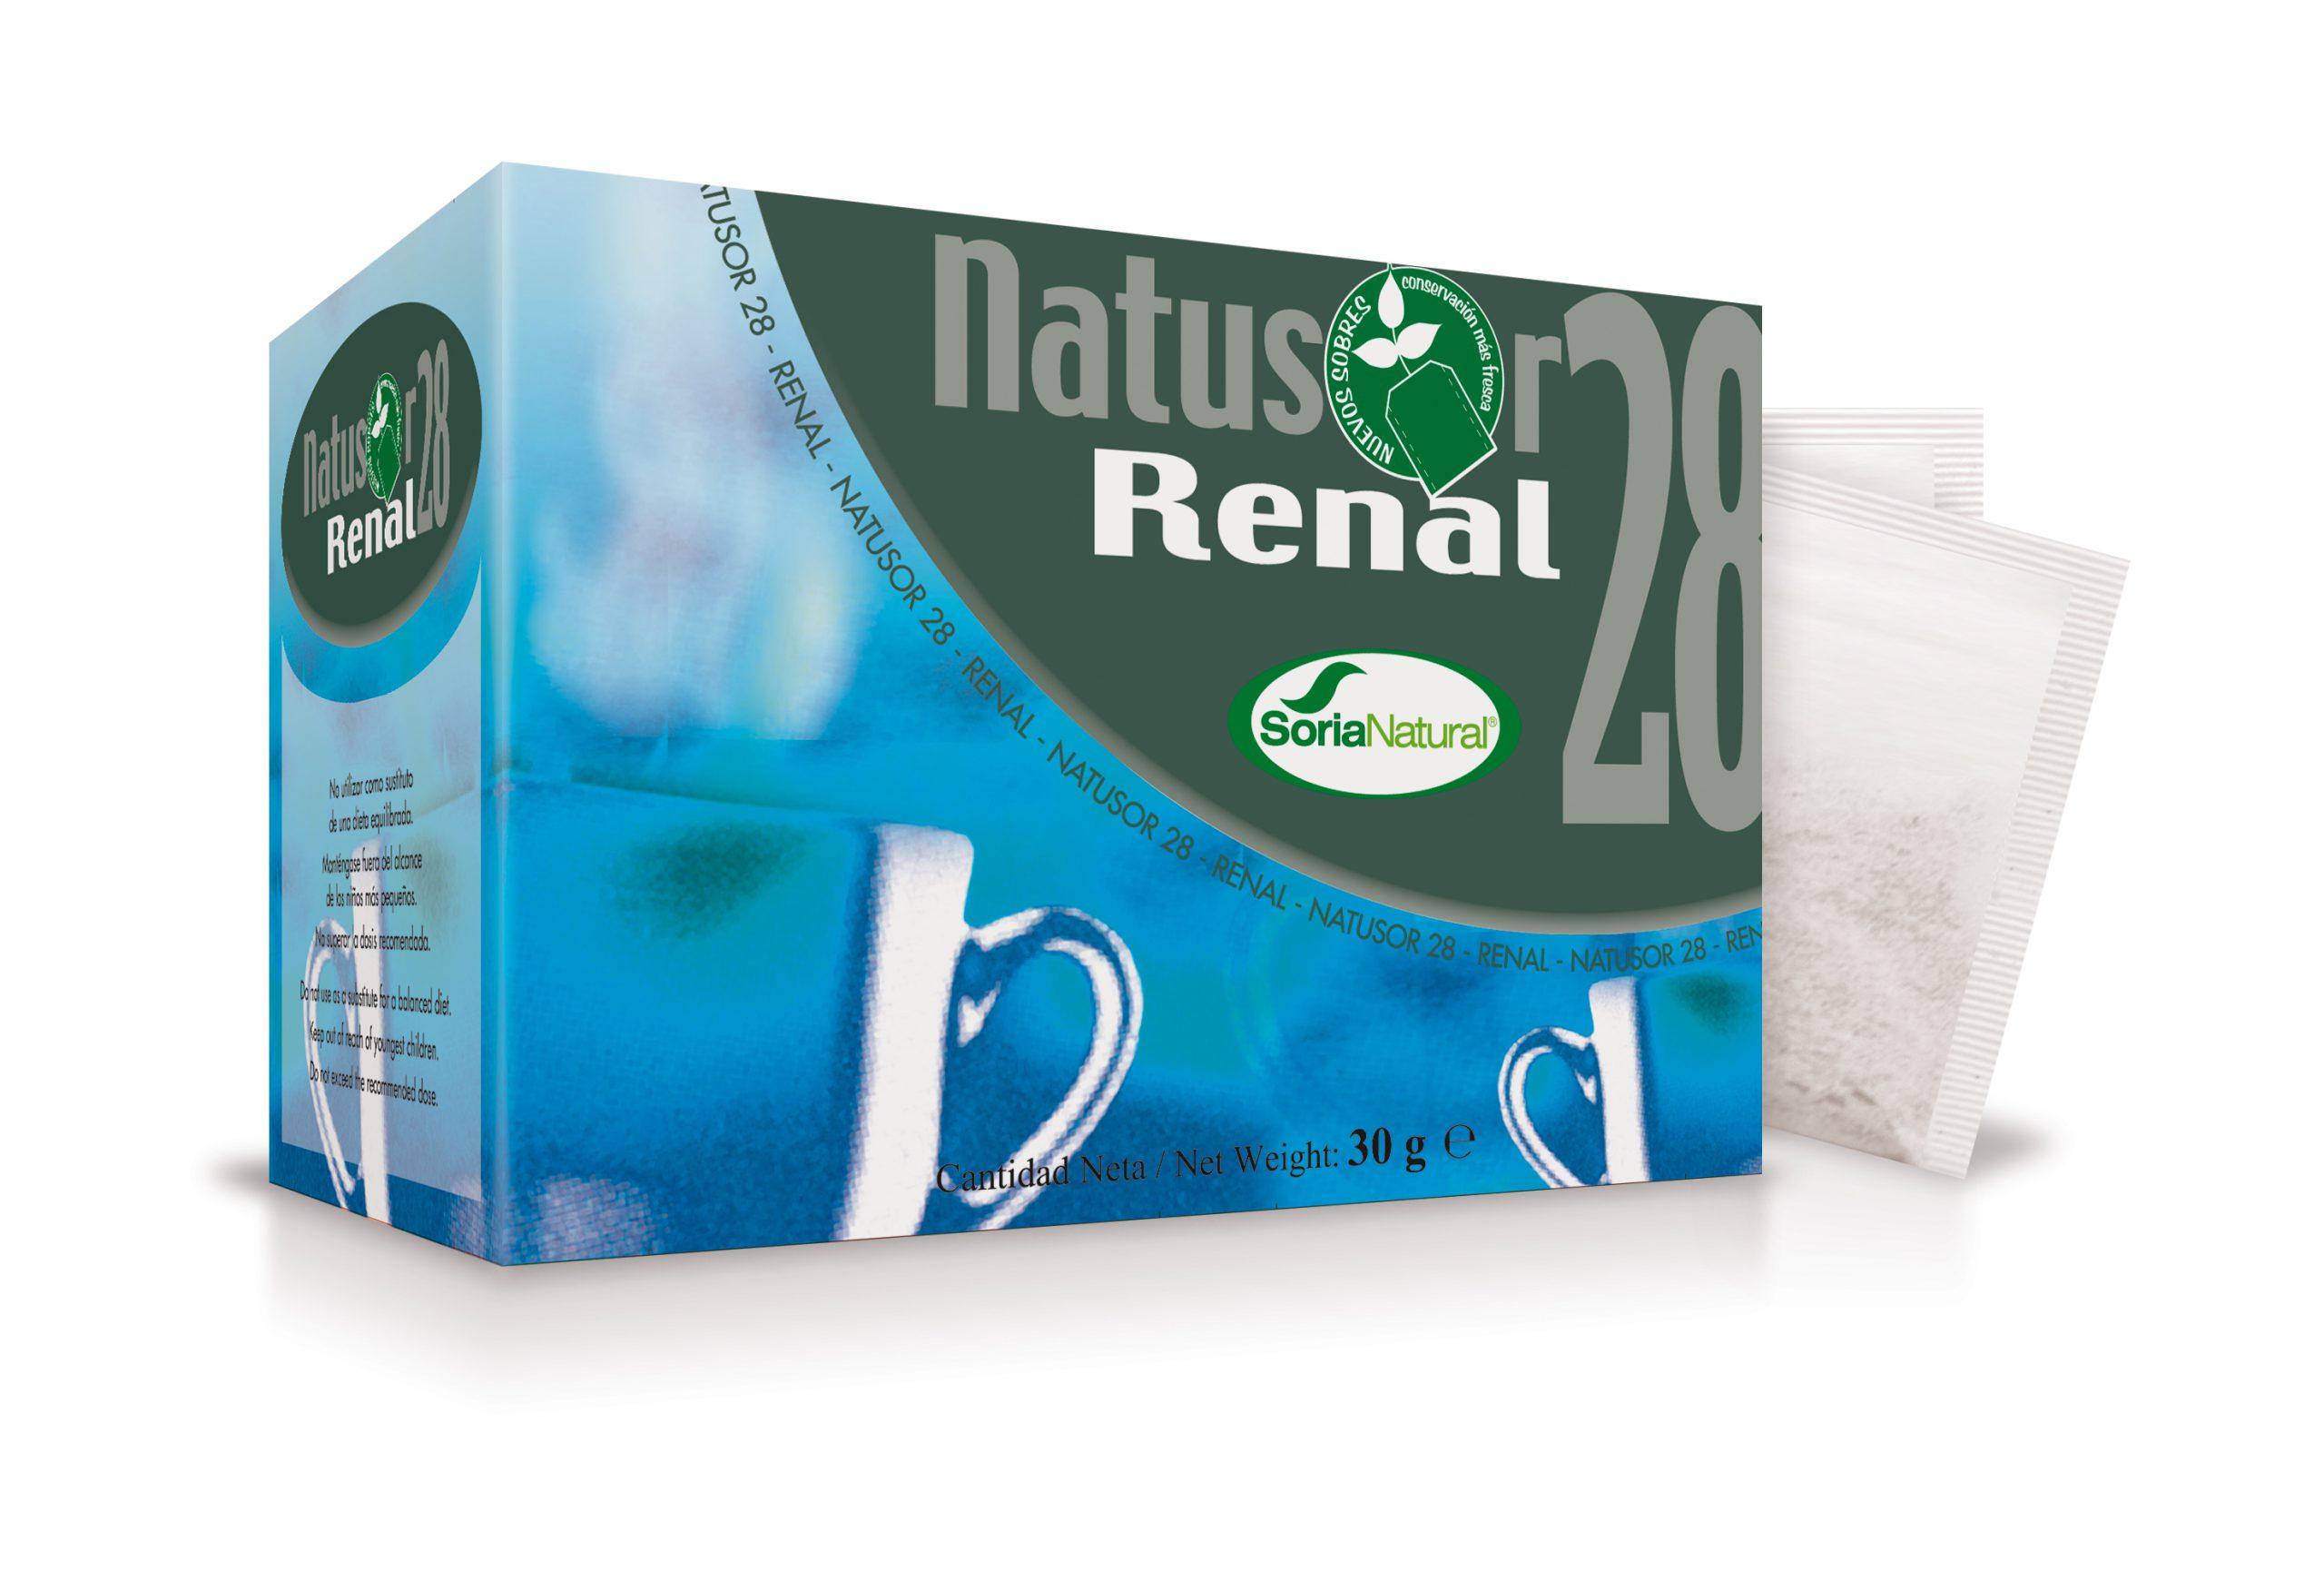 Natusor 28 Renal